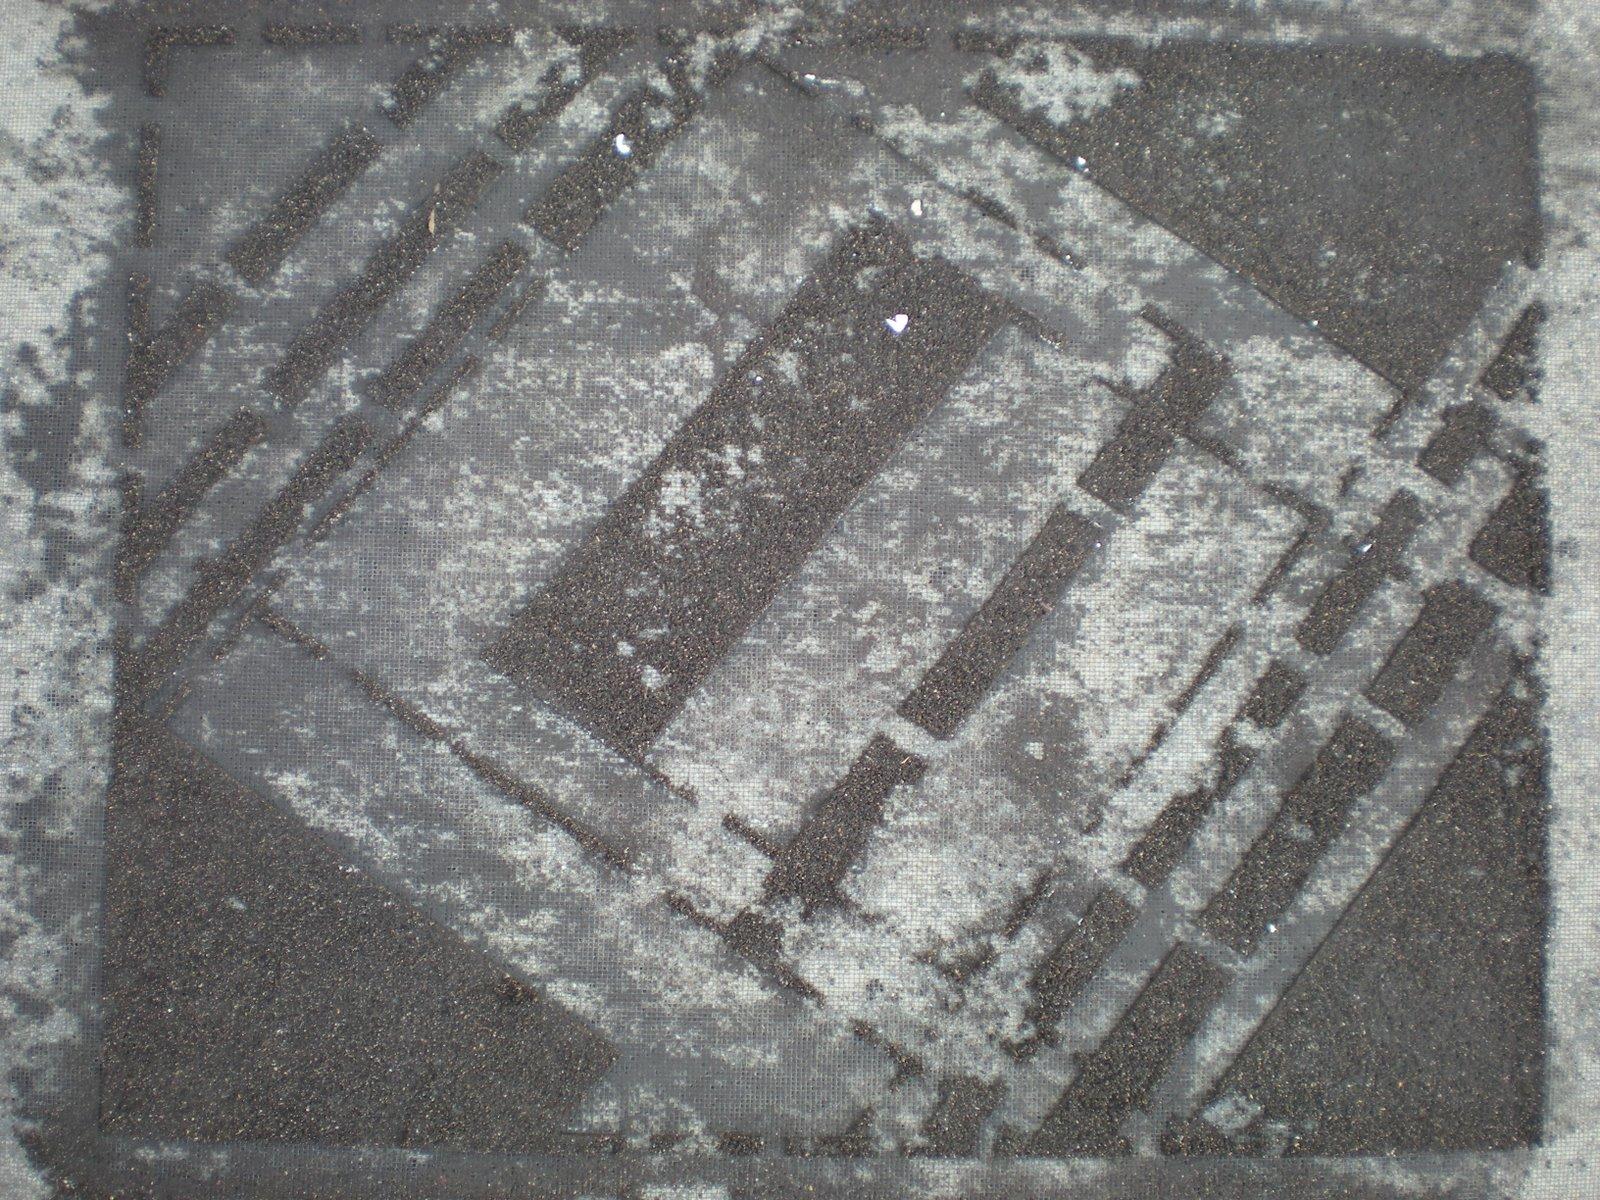 [DSCN0207[1]]